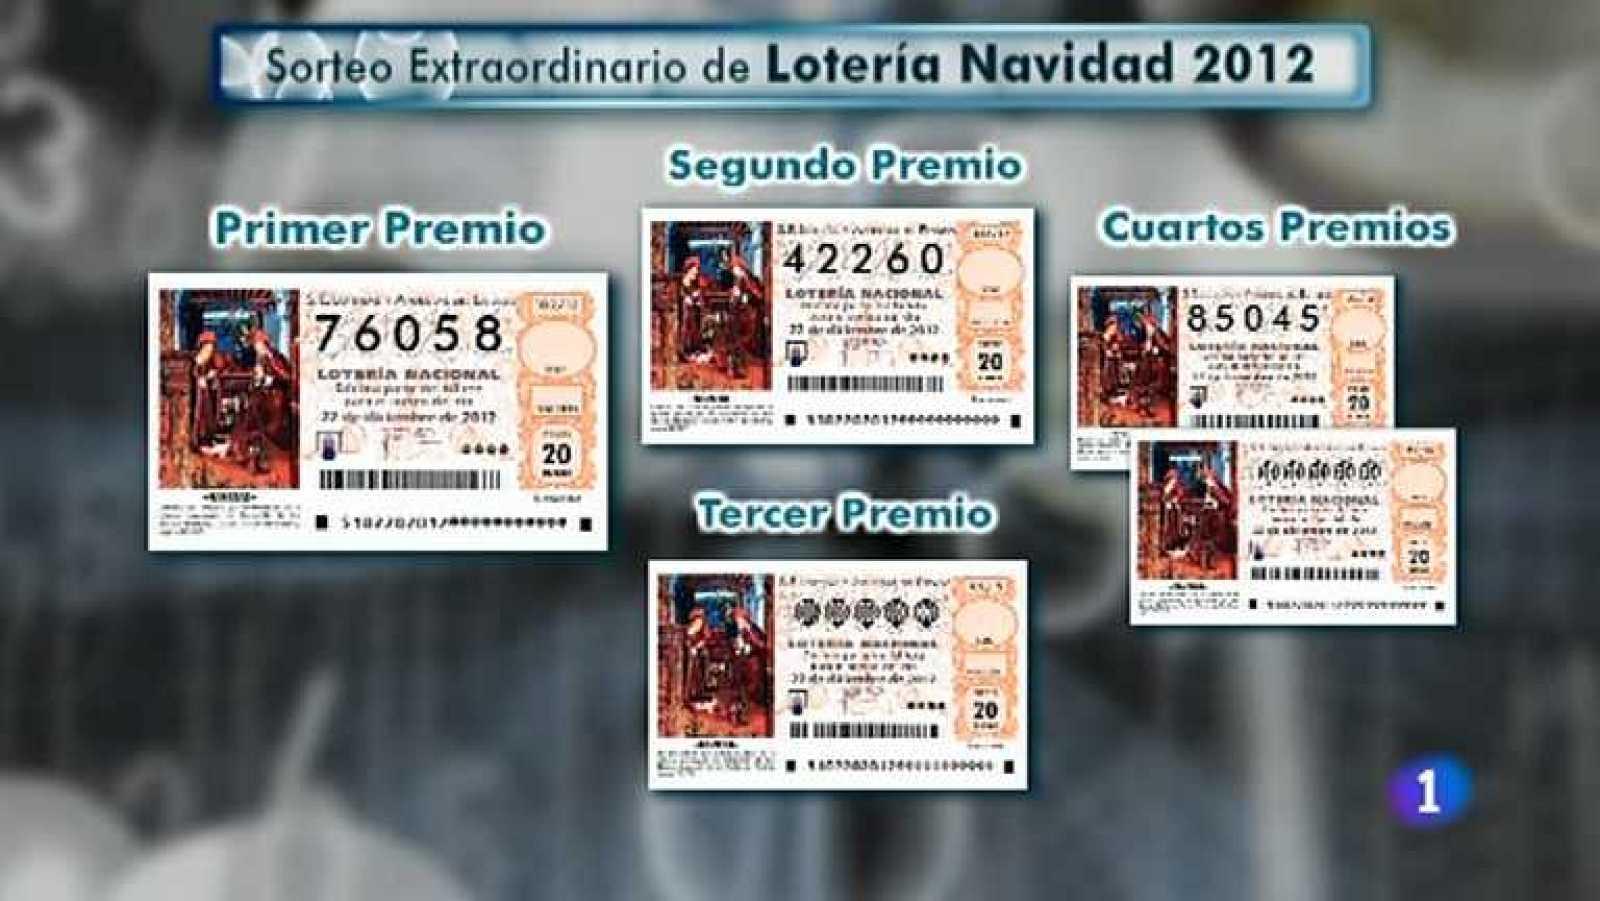 Comprobar Decimo Loteria Navidad 2012 Sorteo De La Loteria De Navidad 2012 Cuarta Hora Rtve Es